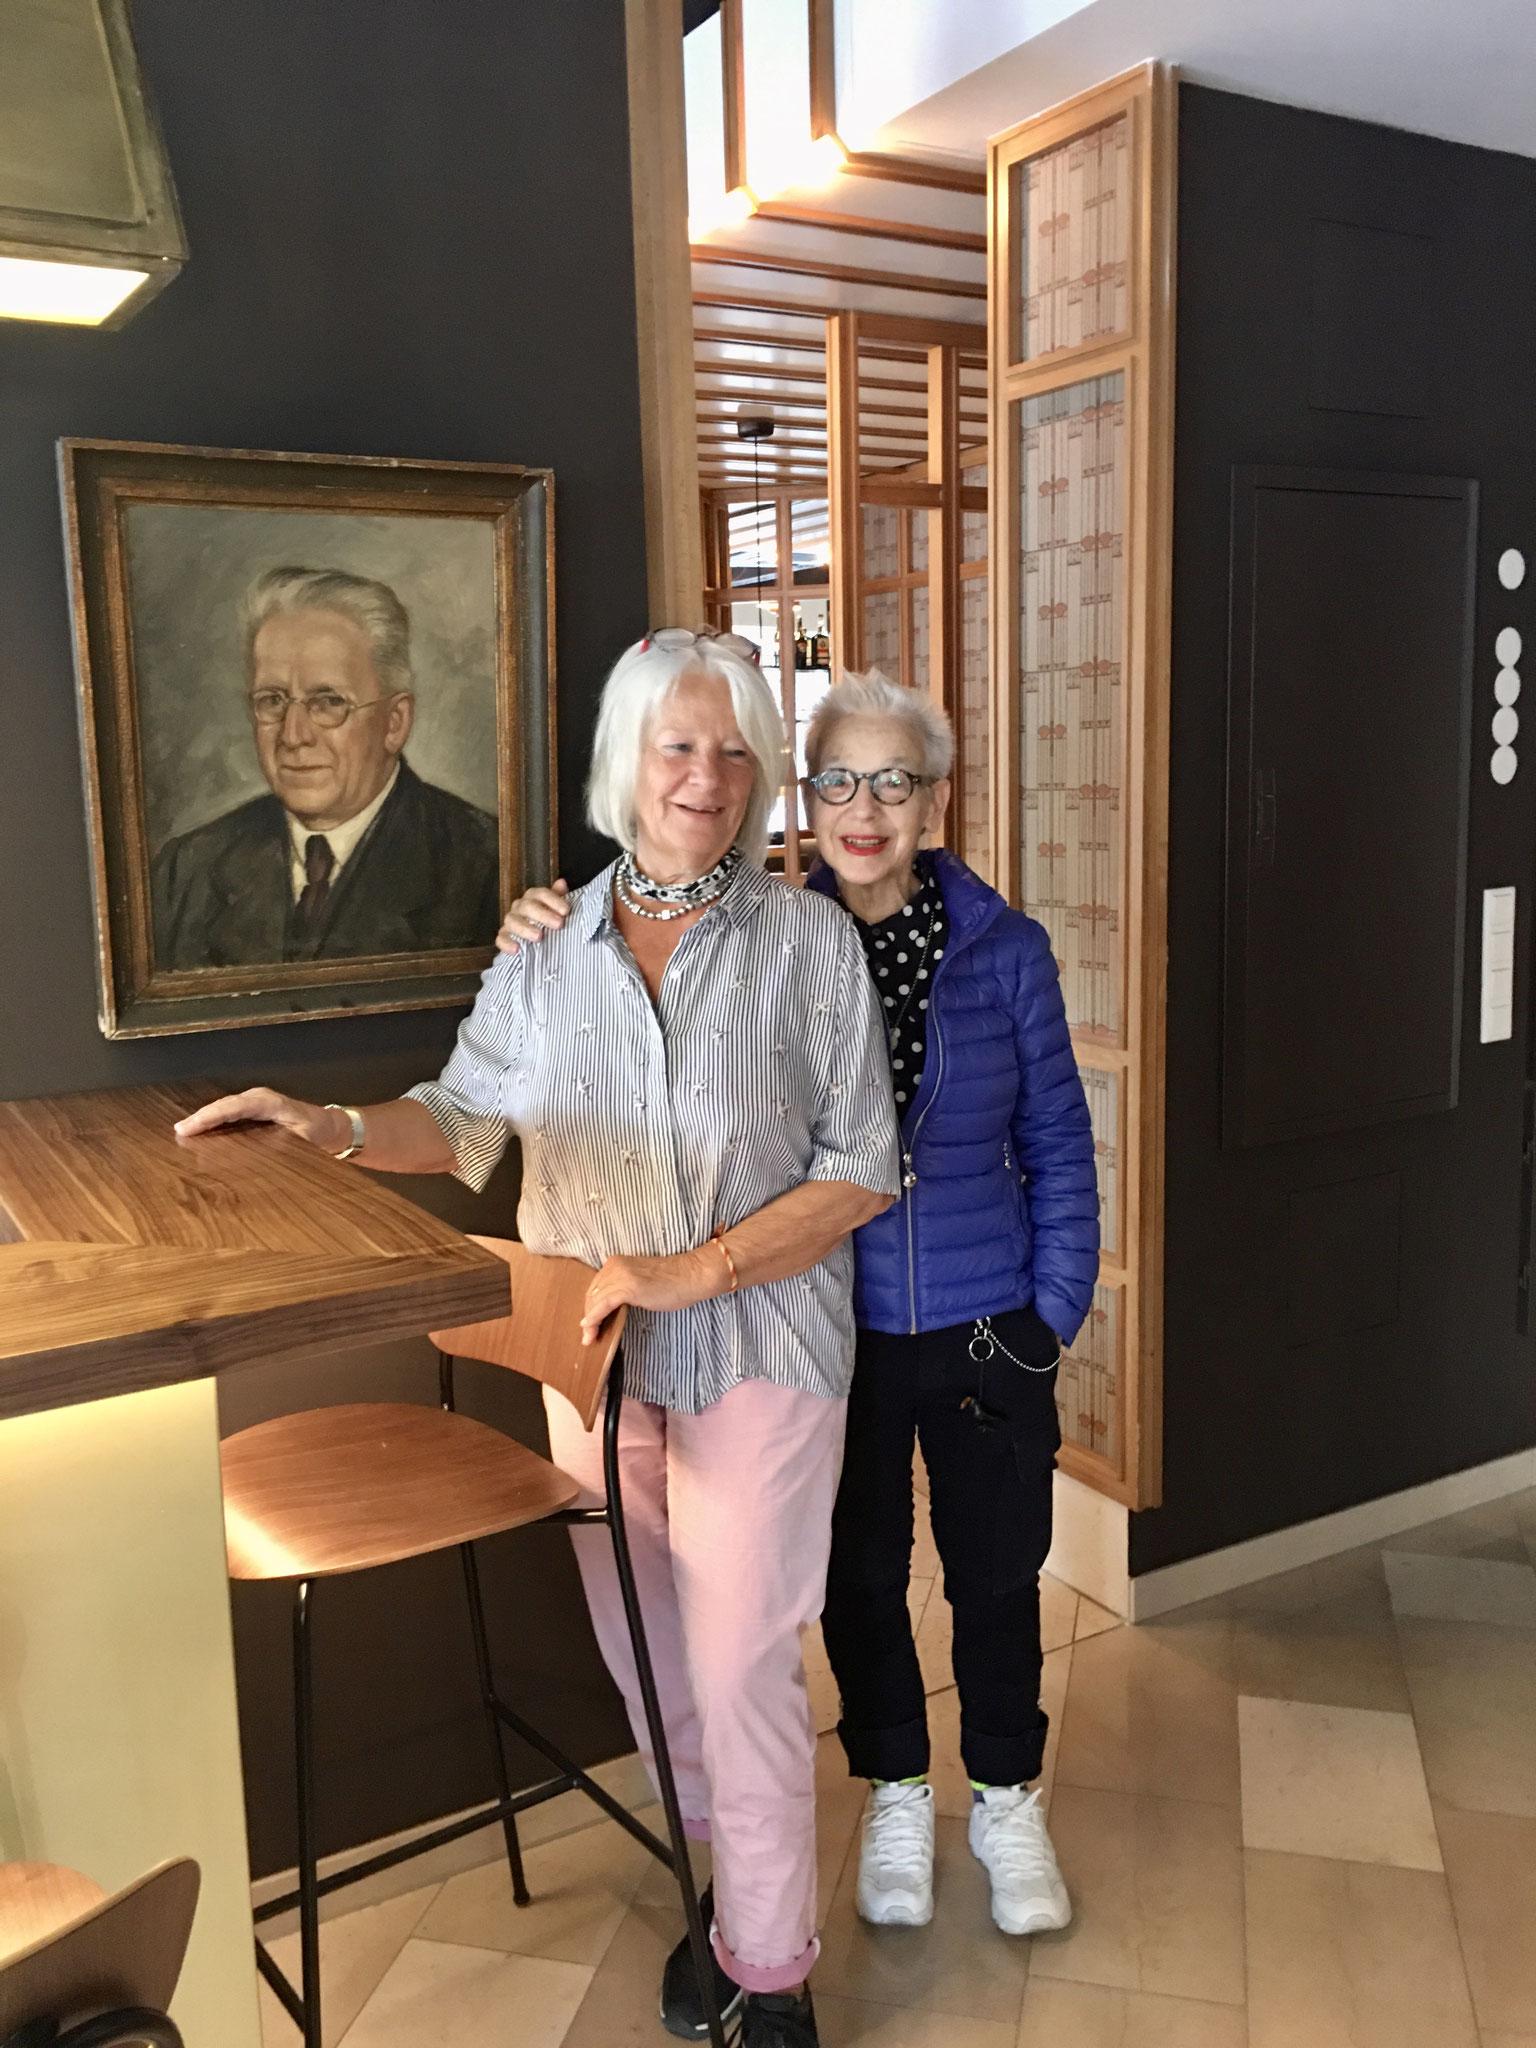 Das neue Central mit Freundin Christa vor dem Bild von Jockel Schucan